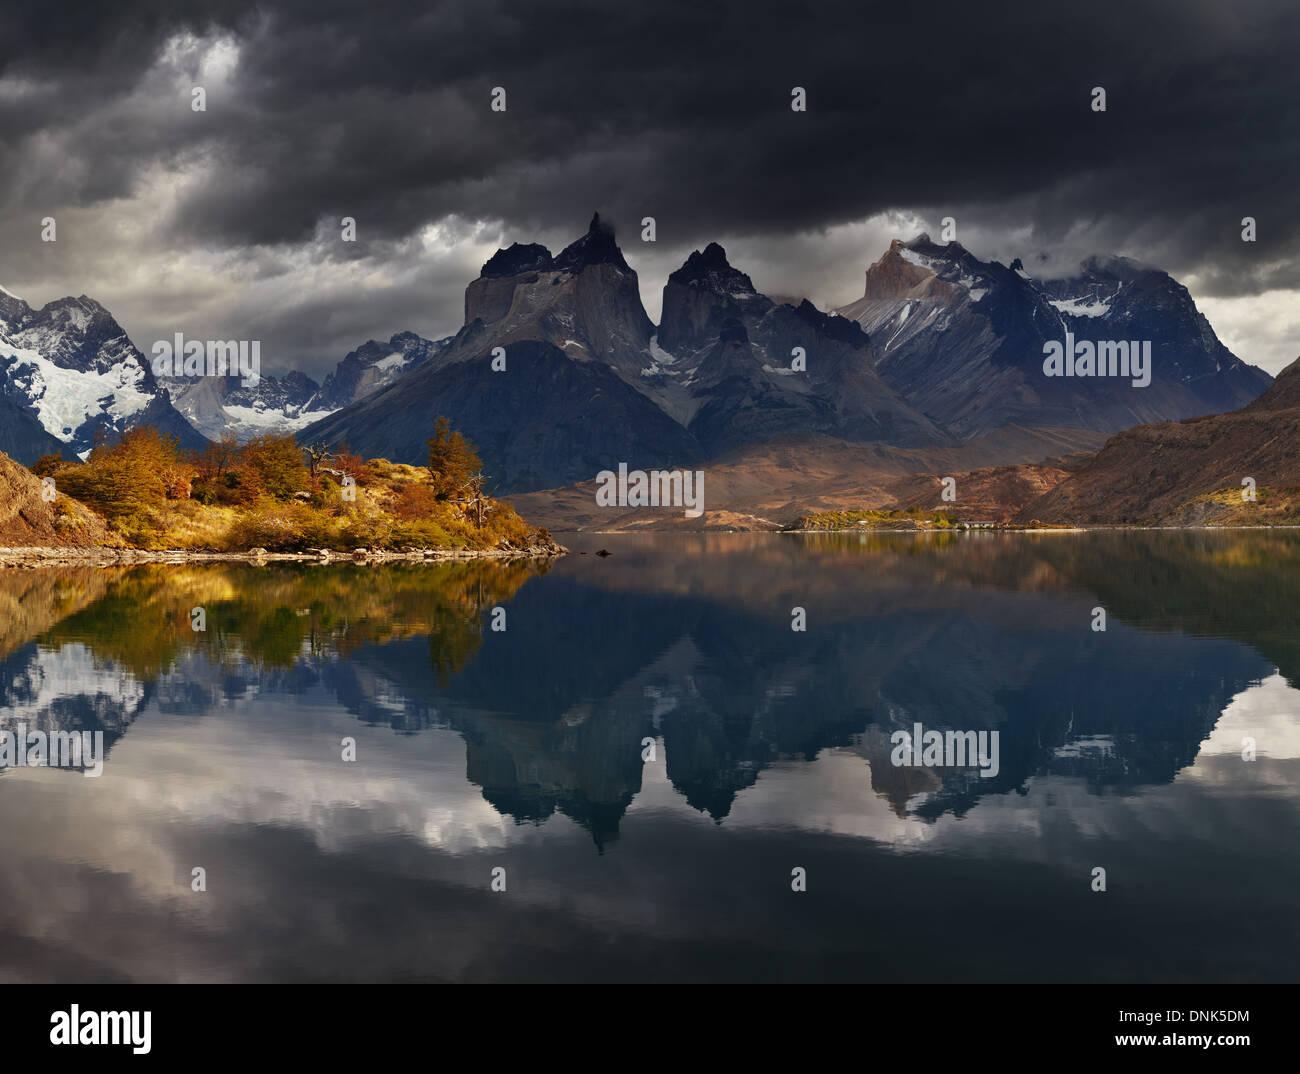 Lever du soleil dans le Parc National Torres del Paine, le Lac Pehoe et Cuernos montagnes, Patagonie, Chili Photo Stock